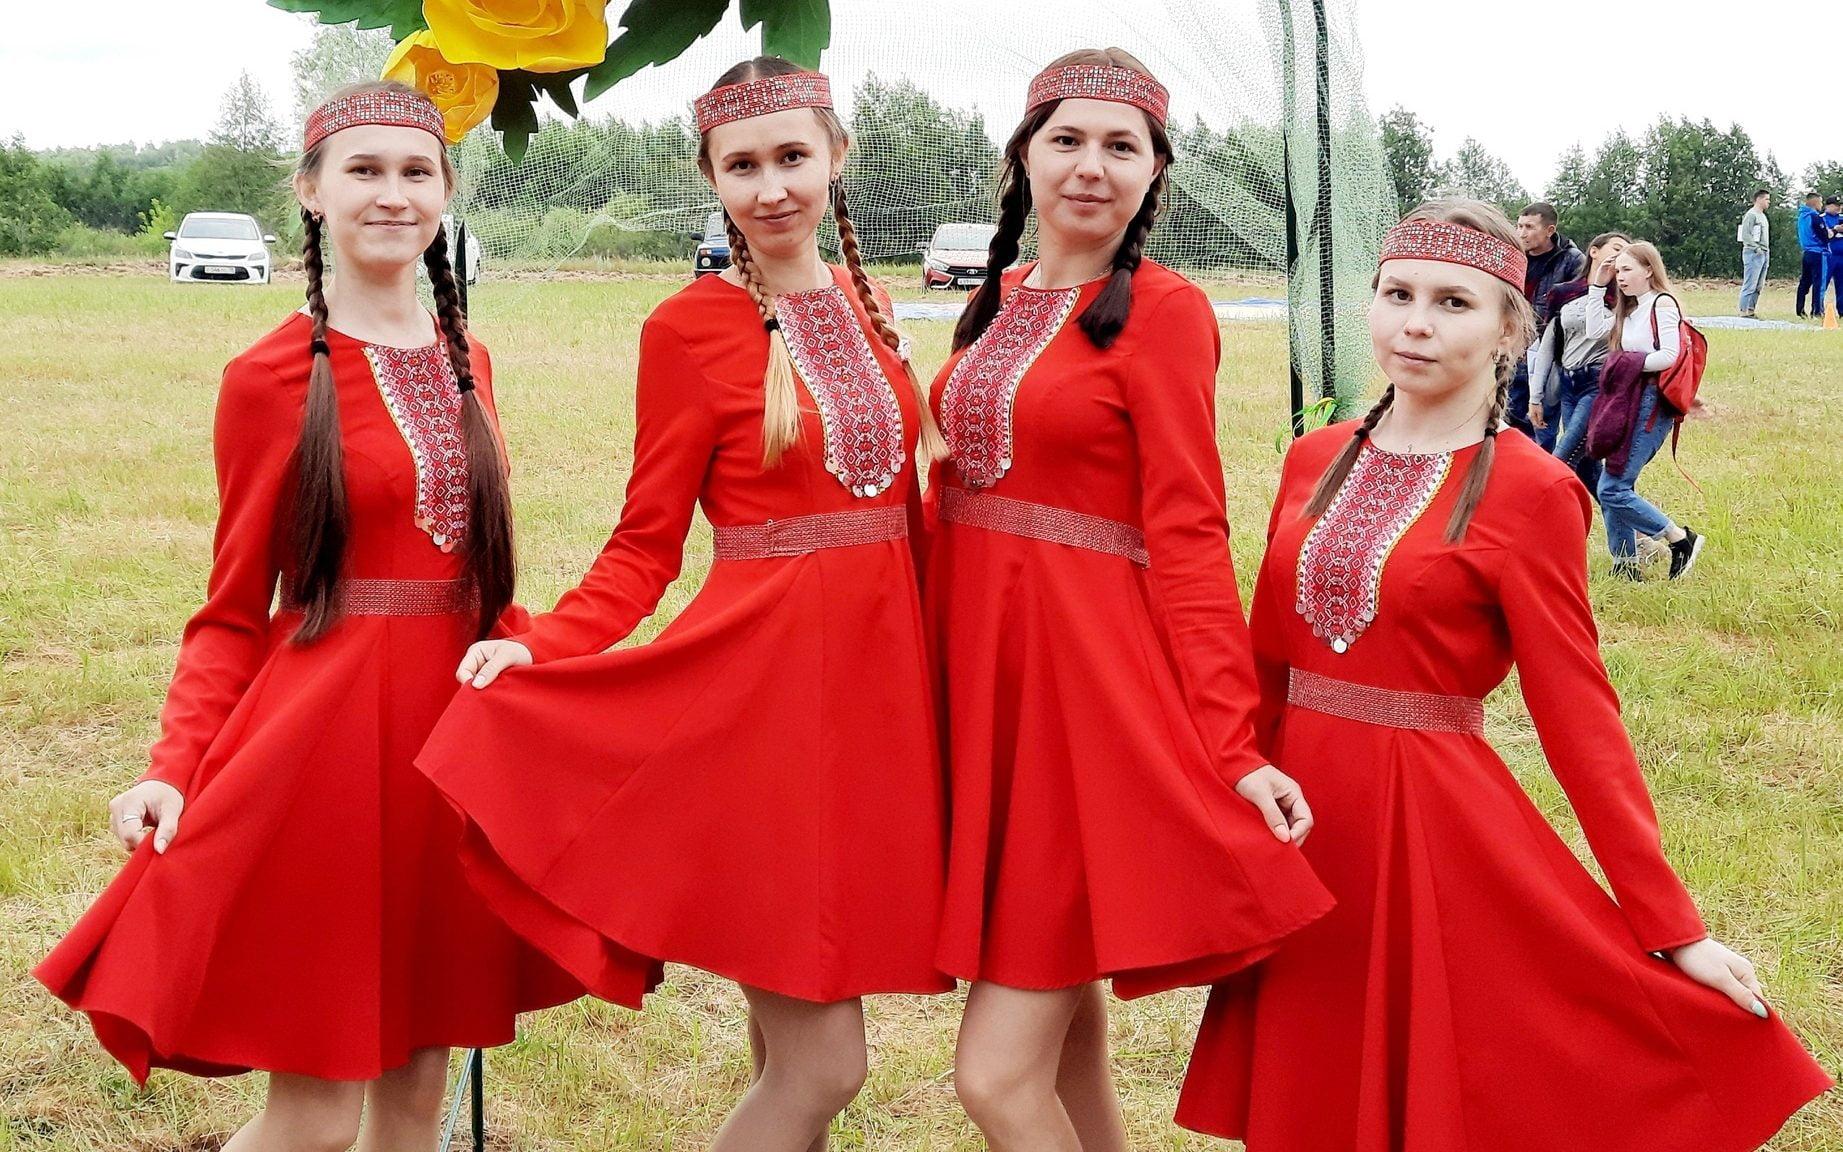 фото девушек-мариек в красных национальных платьях